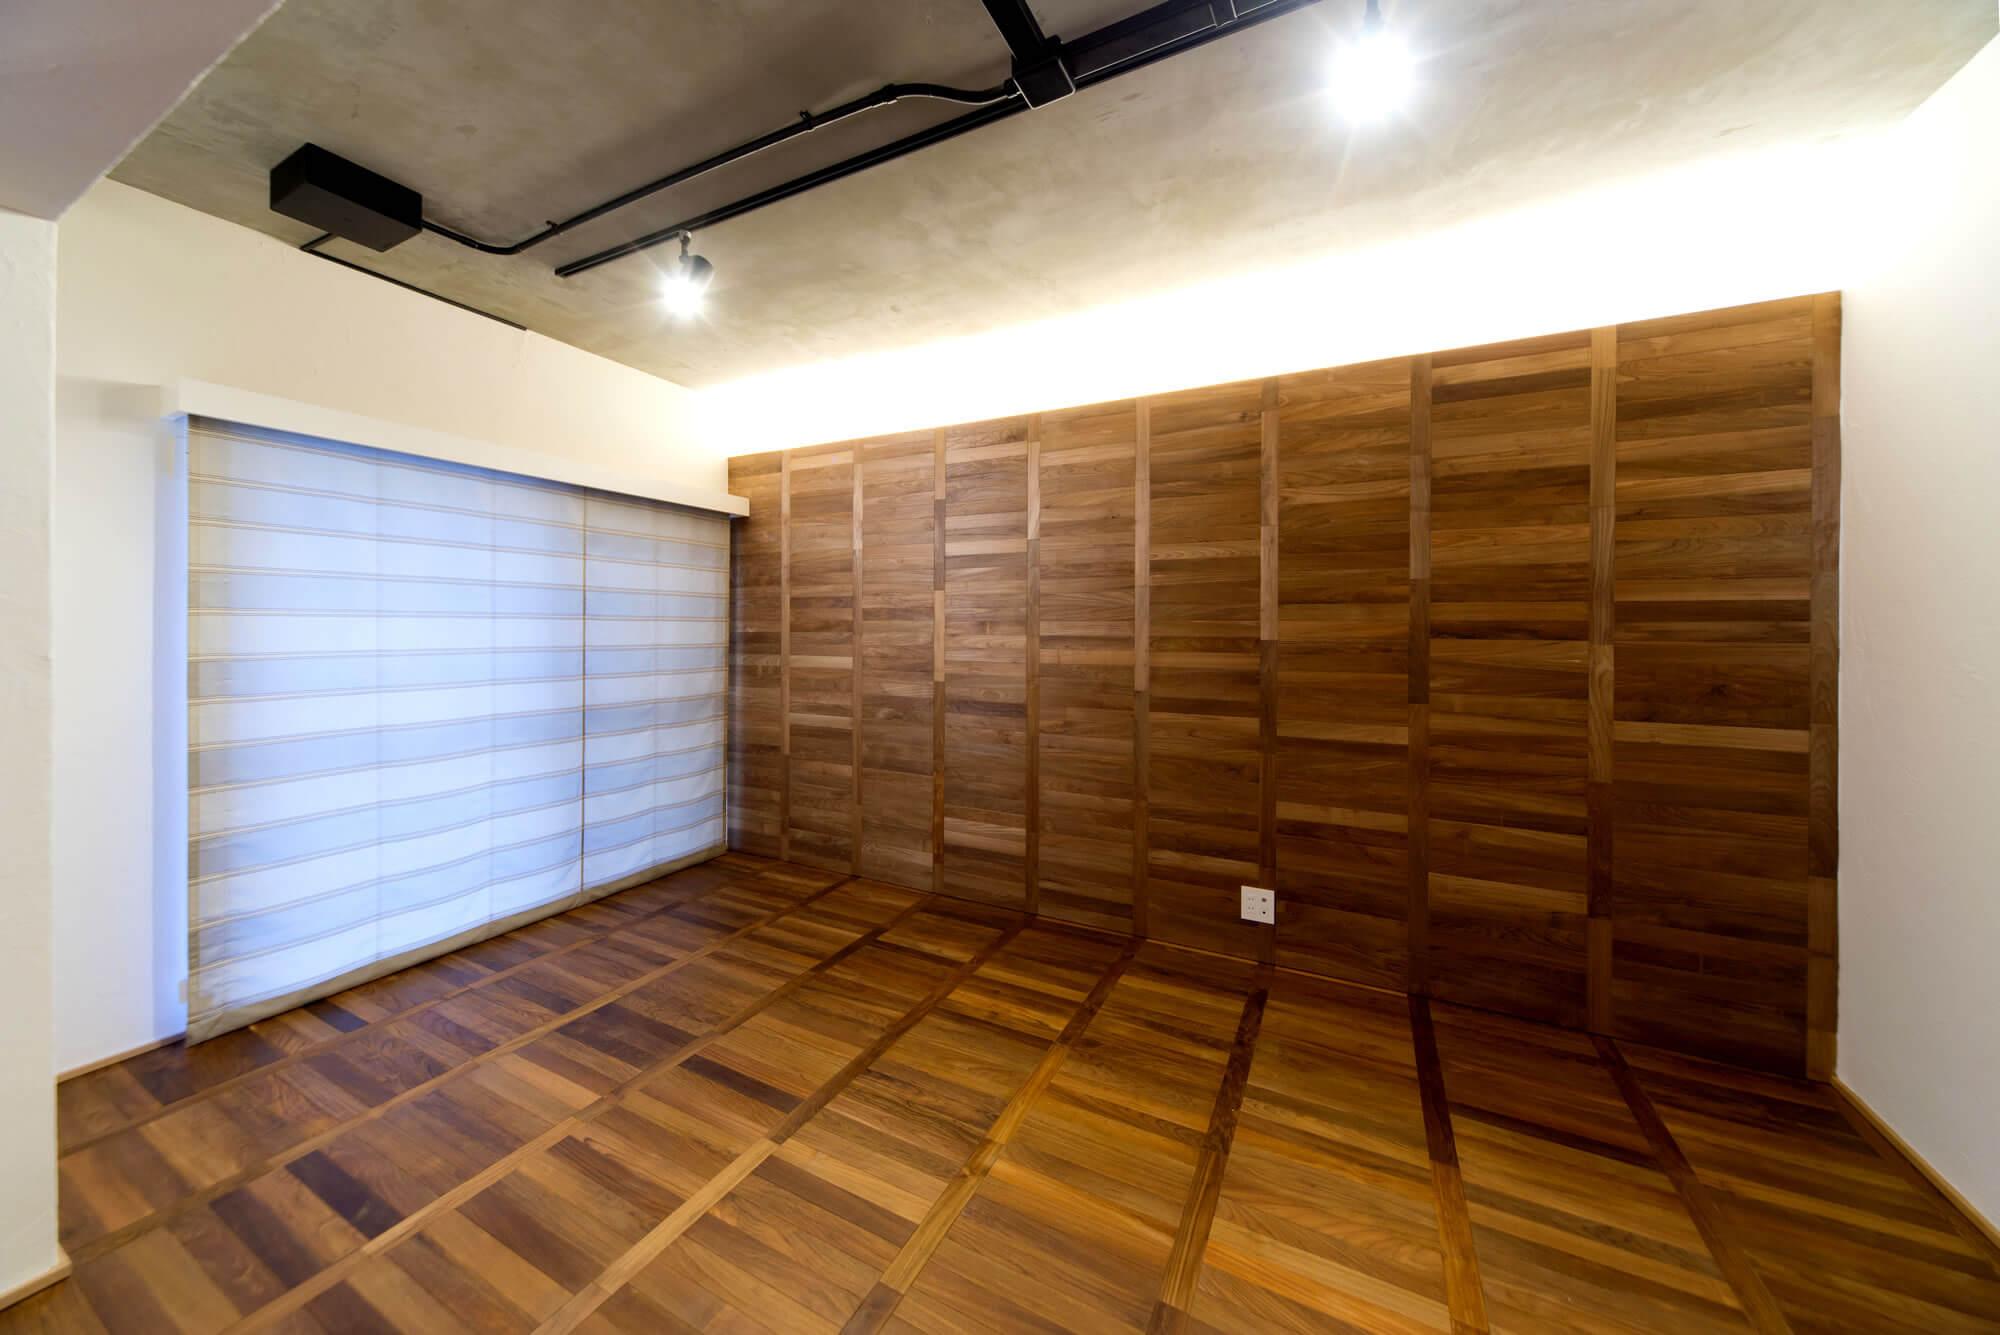 床と壁が同じ木目のリビングの画像